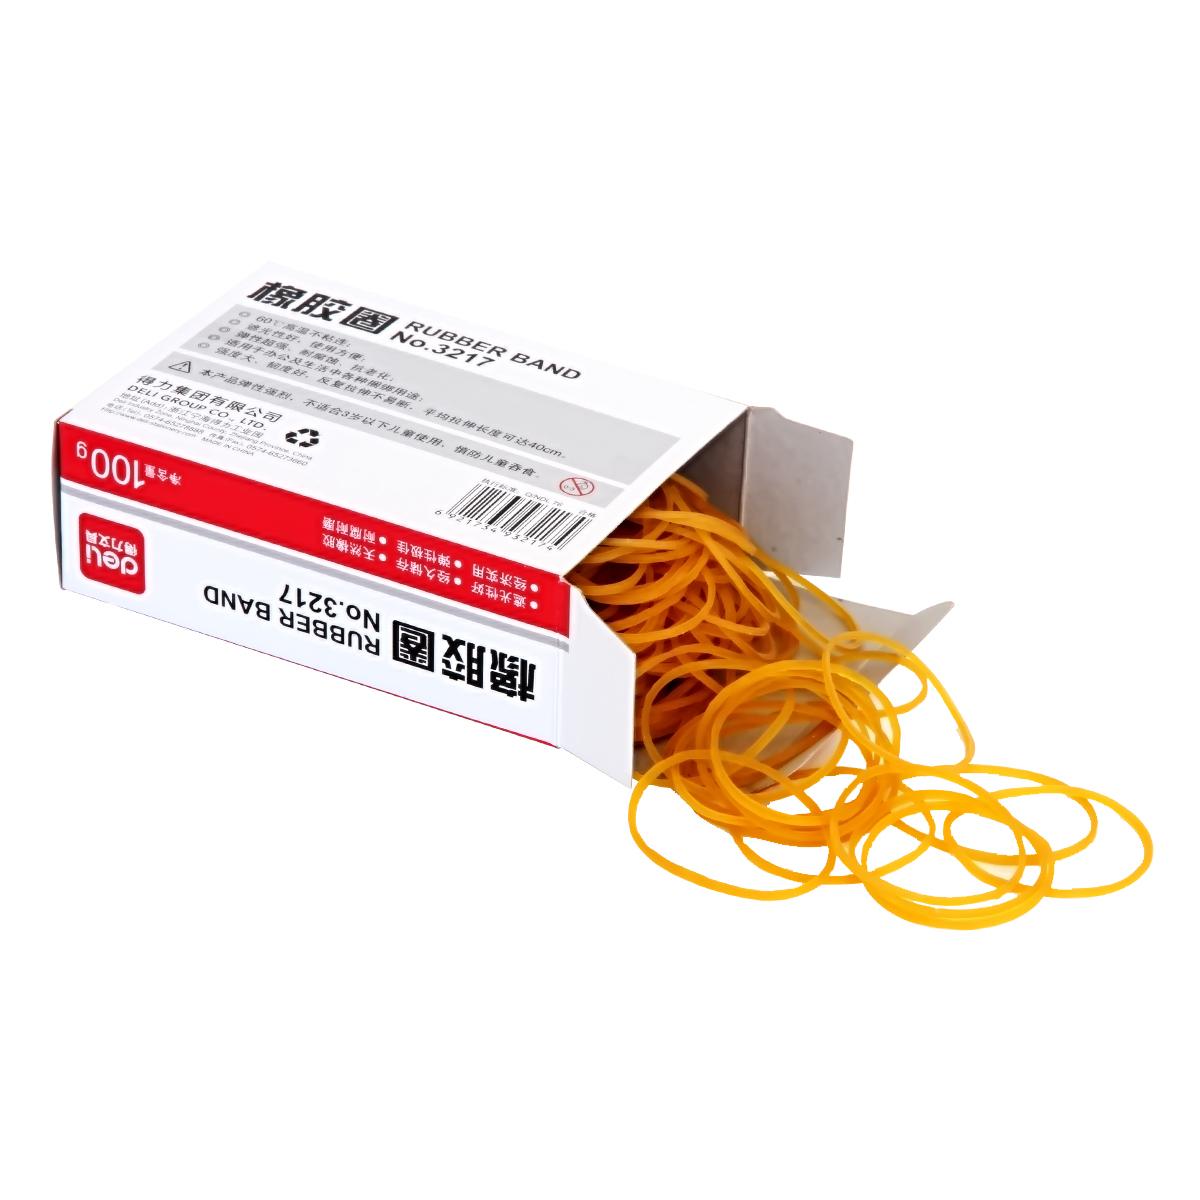 Эффективное резиновое кольцо 3217 (100 г / коробка) Резиновая лента с резиновой лентой хорошая прочность и прочность